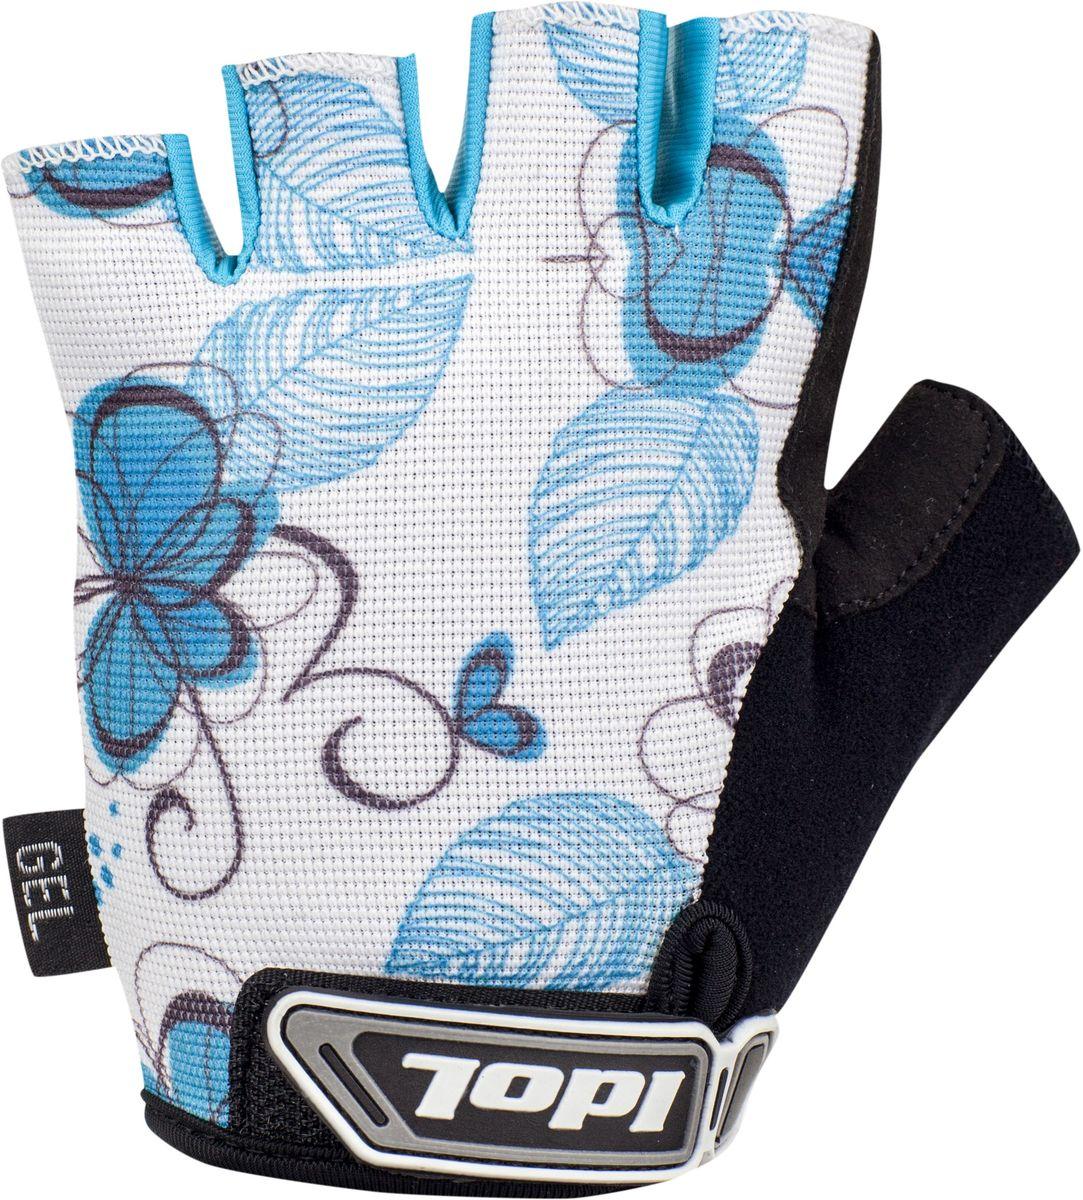 Перчатки велосипедные женские Idol Isel, цвет: белый, голубой. Размер S2716Велосипедные перчатки женские Idol, ISEL 2716 предназначены для велоспорта, велотуризма, велосипедных прогулок. - Открытые пальцы - Верх: высококачественный материал 4-way stretch повышенной дышимости - Ладонь: синтетическая кожа Amara - Гелевая вставка на ладони - Влагоотводящий материал на большом пальце - Веревочные петли для снимания - Липучка для фиксации перчатки на руке Высокое качество материалов, стильный дизайн, функциональность и прочность выделяют велоперчатки Idol среди прочих.